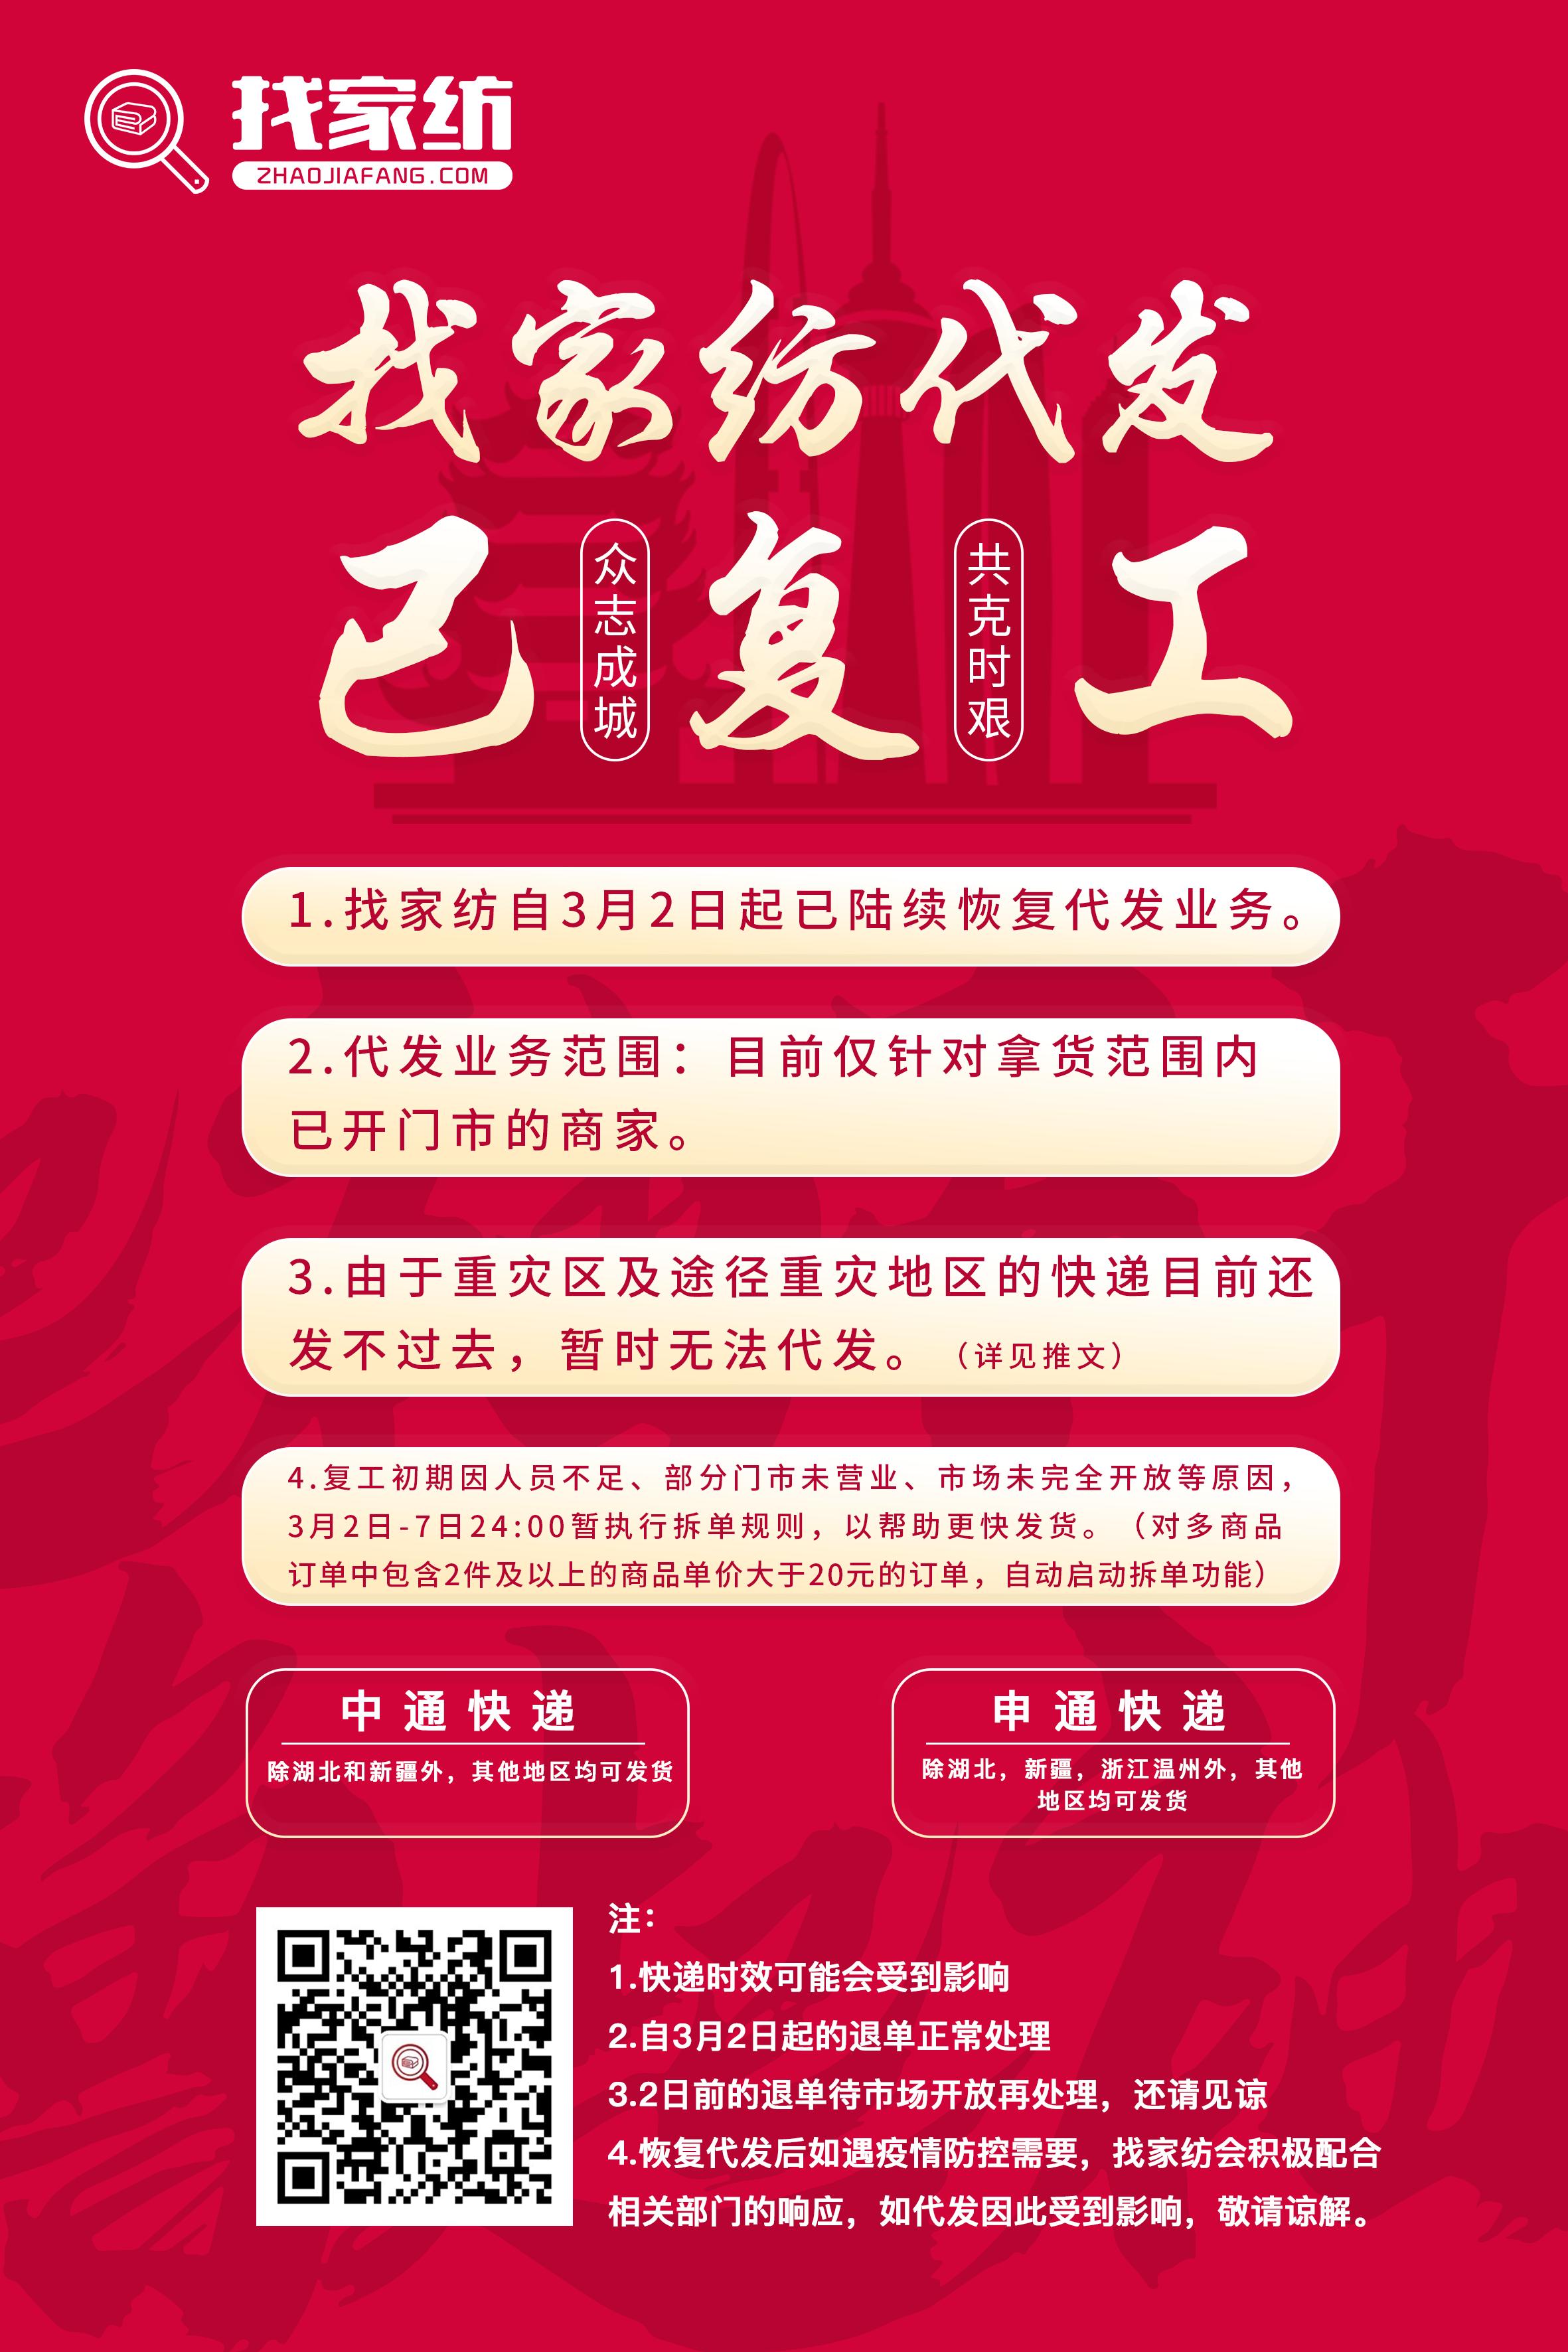 http://qiniu.zhaojiafang.com/data/upload/shop/article/QN06364796320977468.png